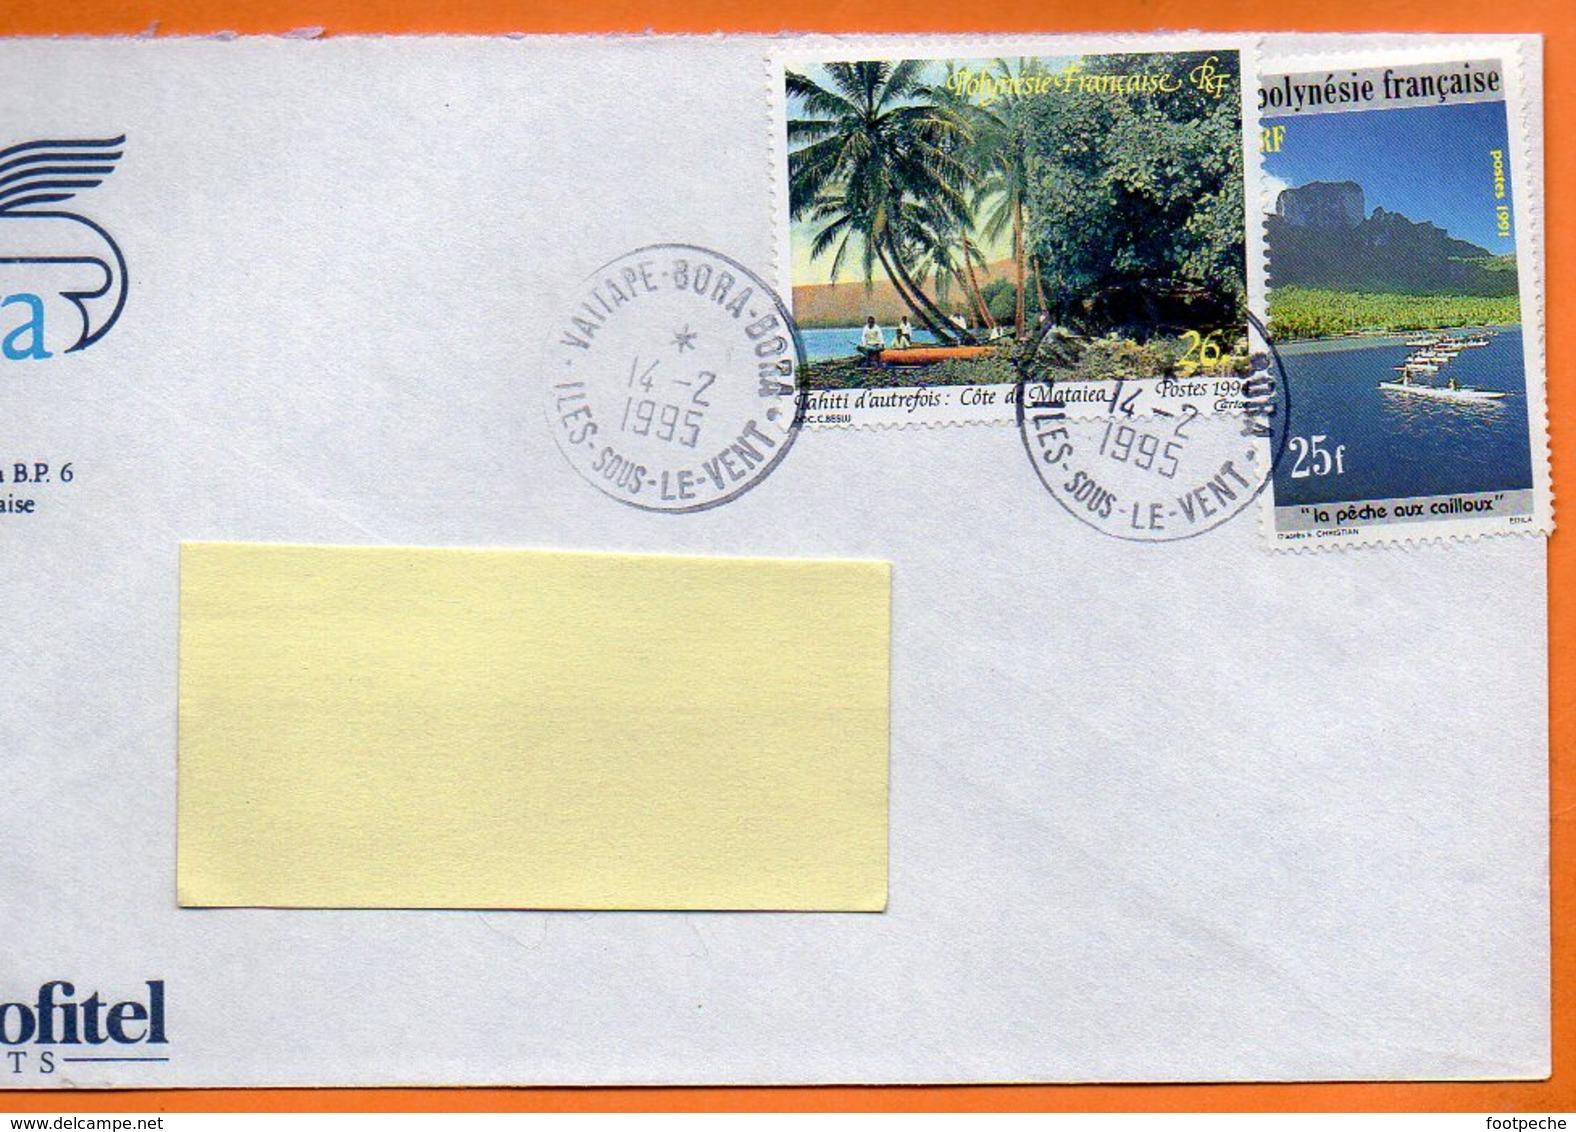 POLYNESIE FRANCAISE LA PECHE AUX CAILLOUX  1995 Lettre Entière 110x220 N° O0167 - Fische